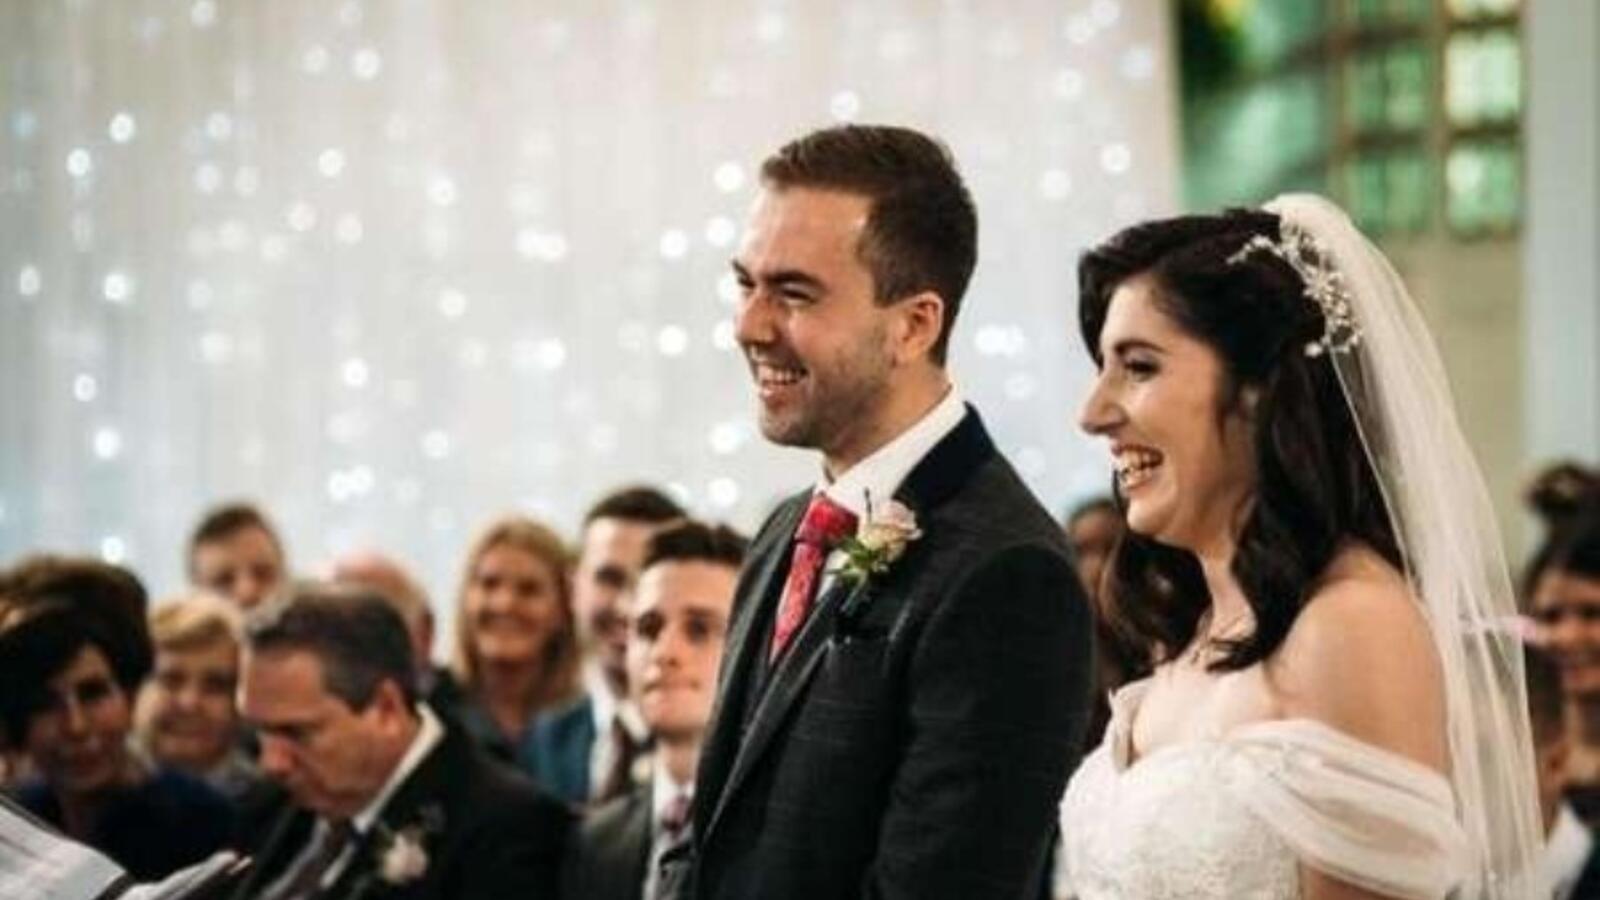 حفل زواج وجنازة لفتاة امريكية